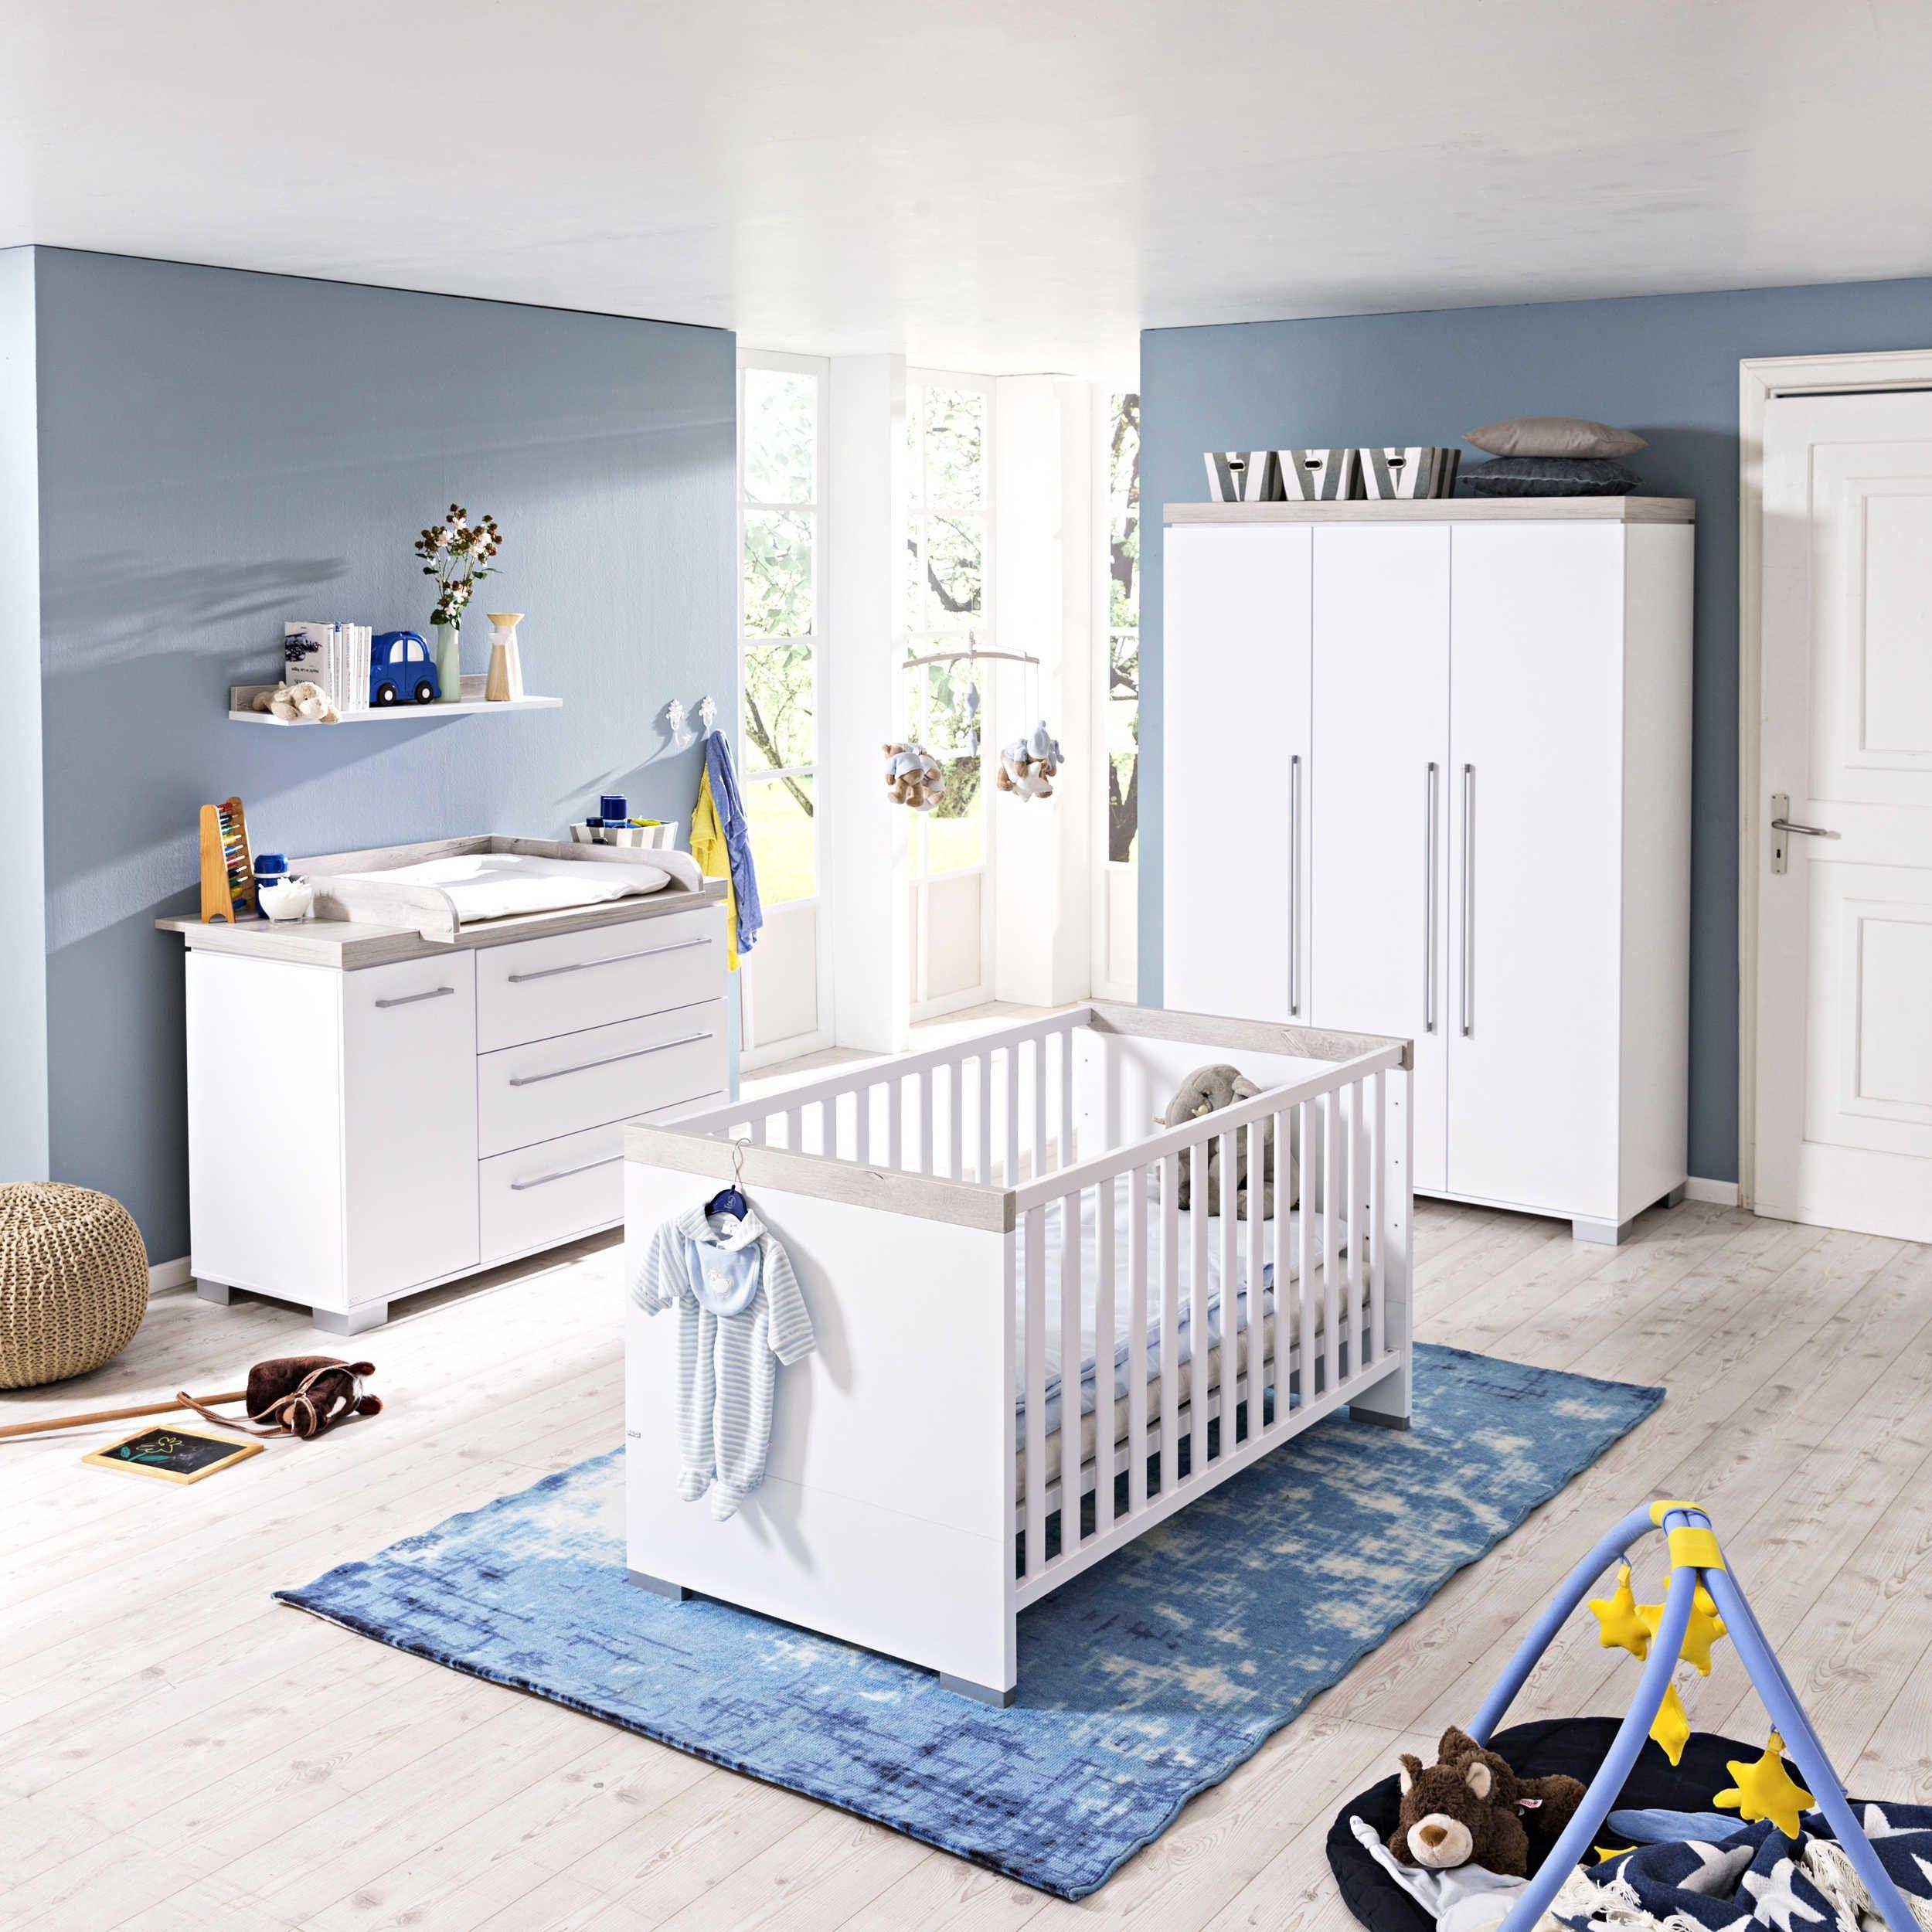 Full Size of Günstige Kinderzimmer Günstiges Bett Betten 140x200 Regale Fenster Regal Weiß Sofa Schlafzimmer Küche Mit E Geräten 180x200 Komplett Kinderzimmer Günstige Kinderzimmer